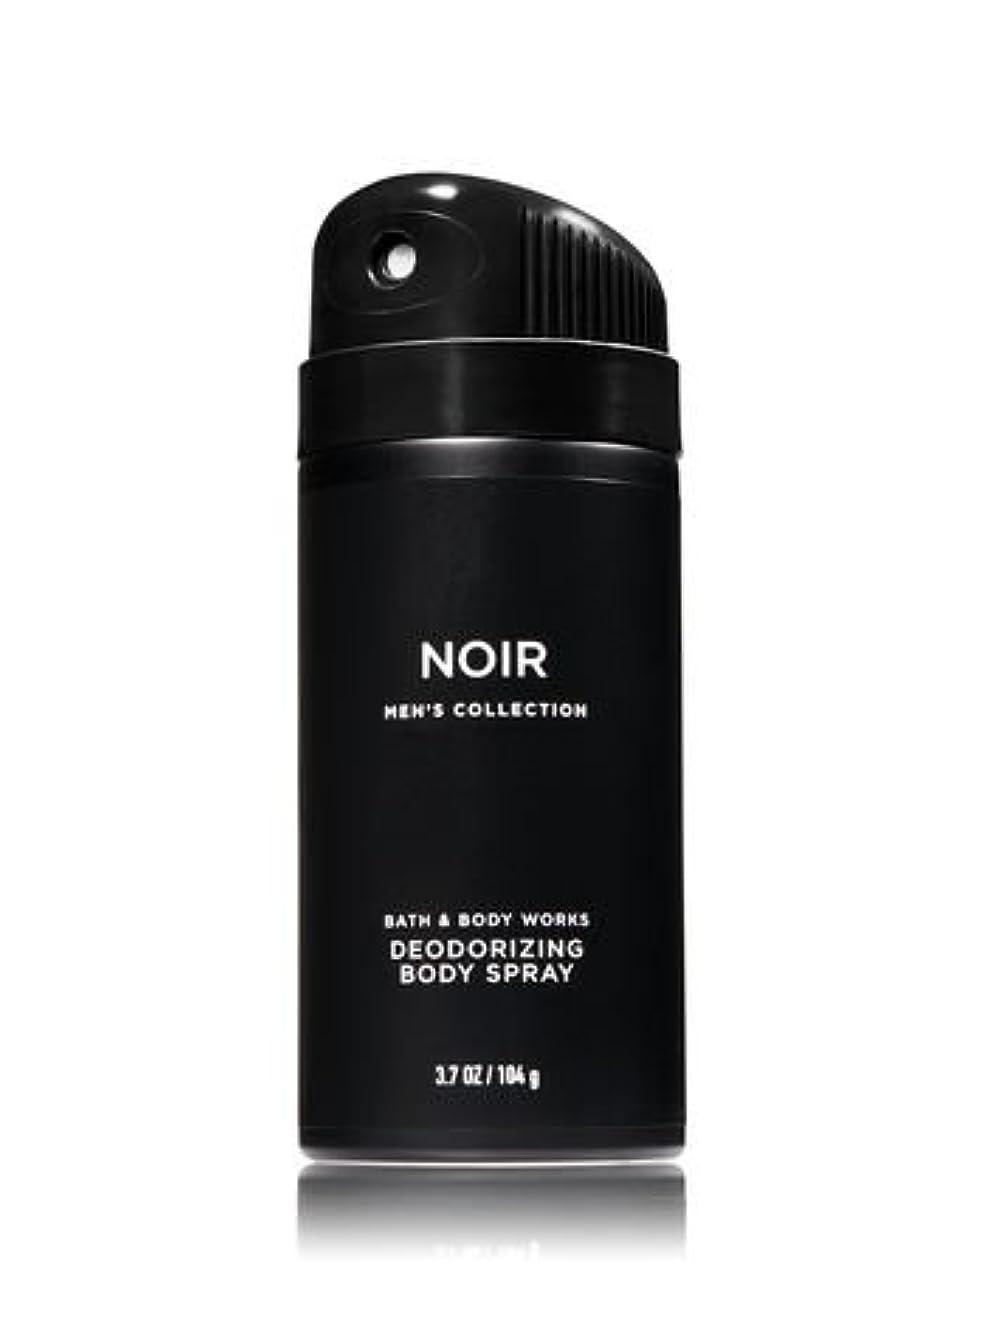 情報激怒びっくりバス&ボディワークス ノアール フォーメン デオドラント スプレー NOIR For MEN Deodoraizing Body Spray [並行輸入品]